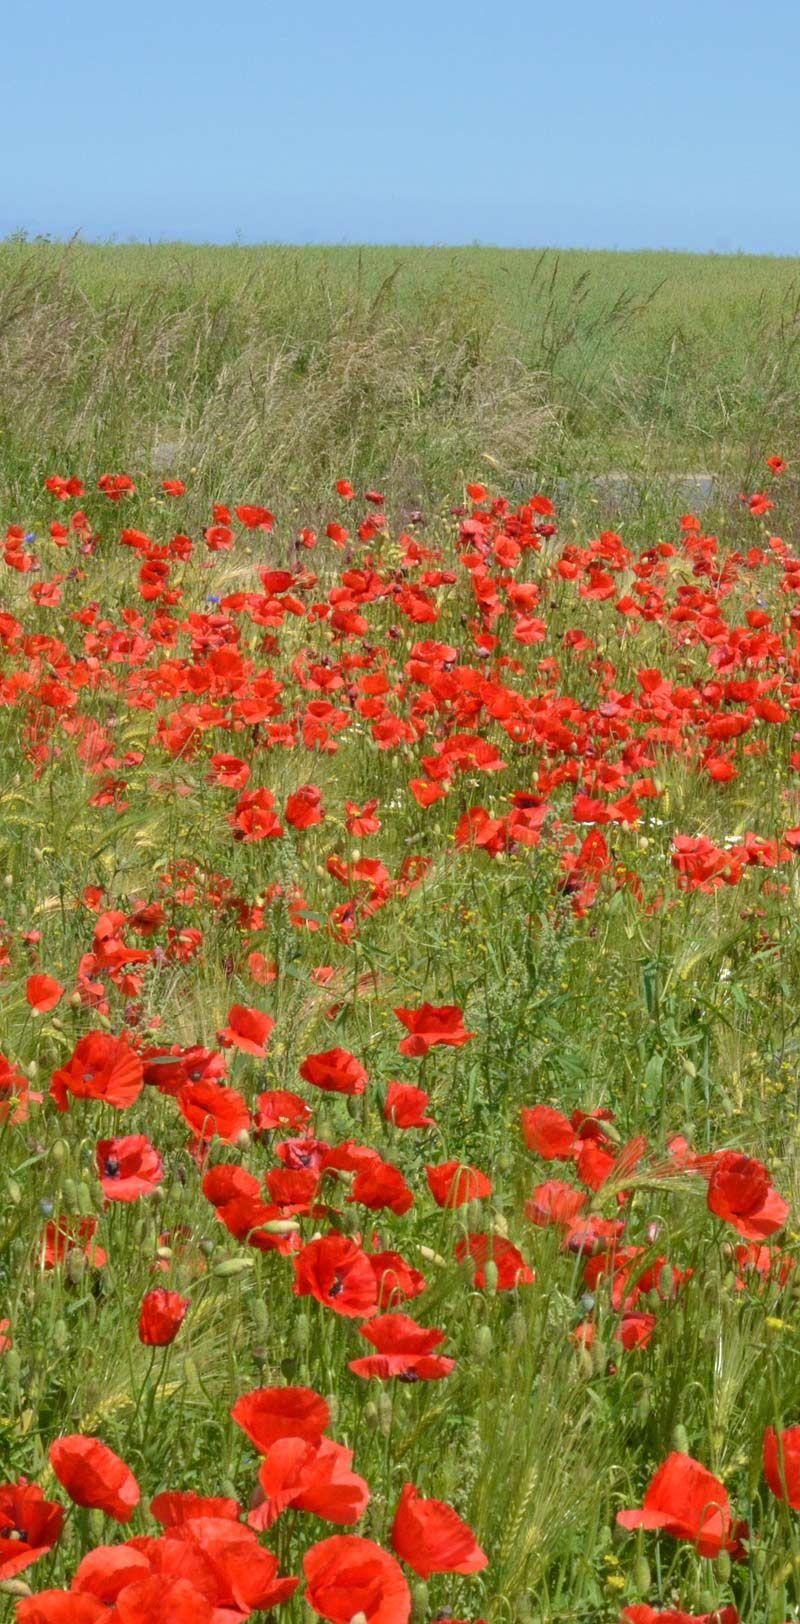 Mohnblumen Auf Feld Bei Wolgast Mohnblume Blumen Mohn